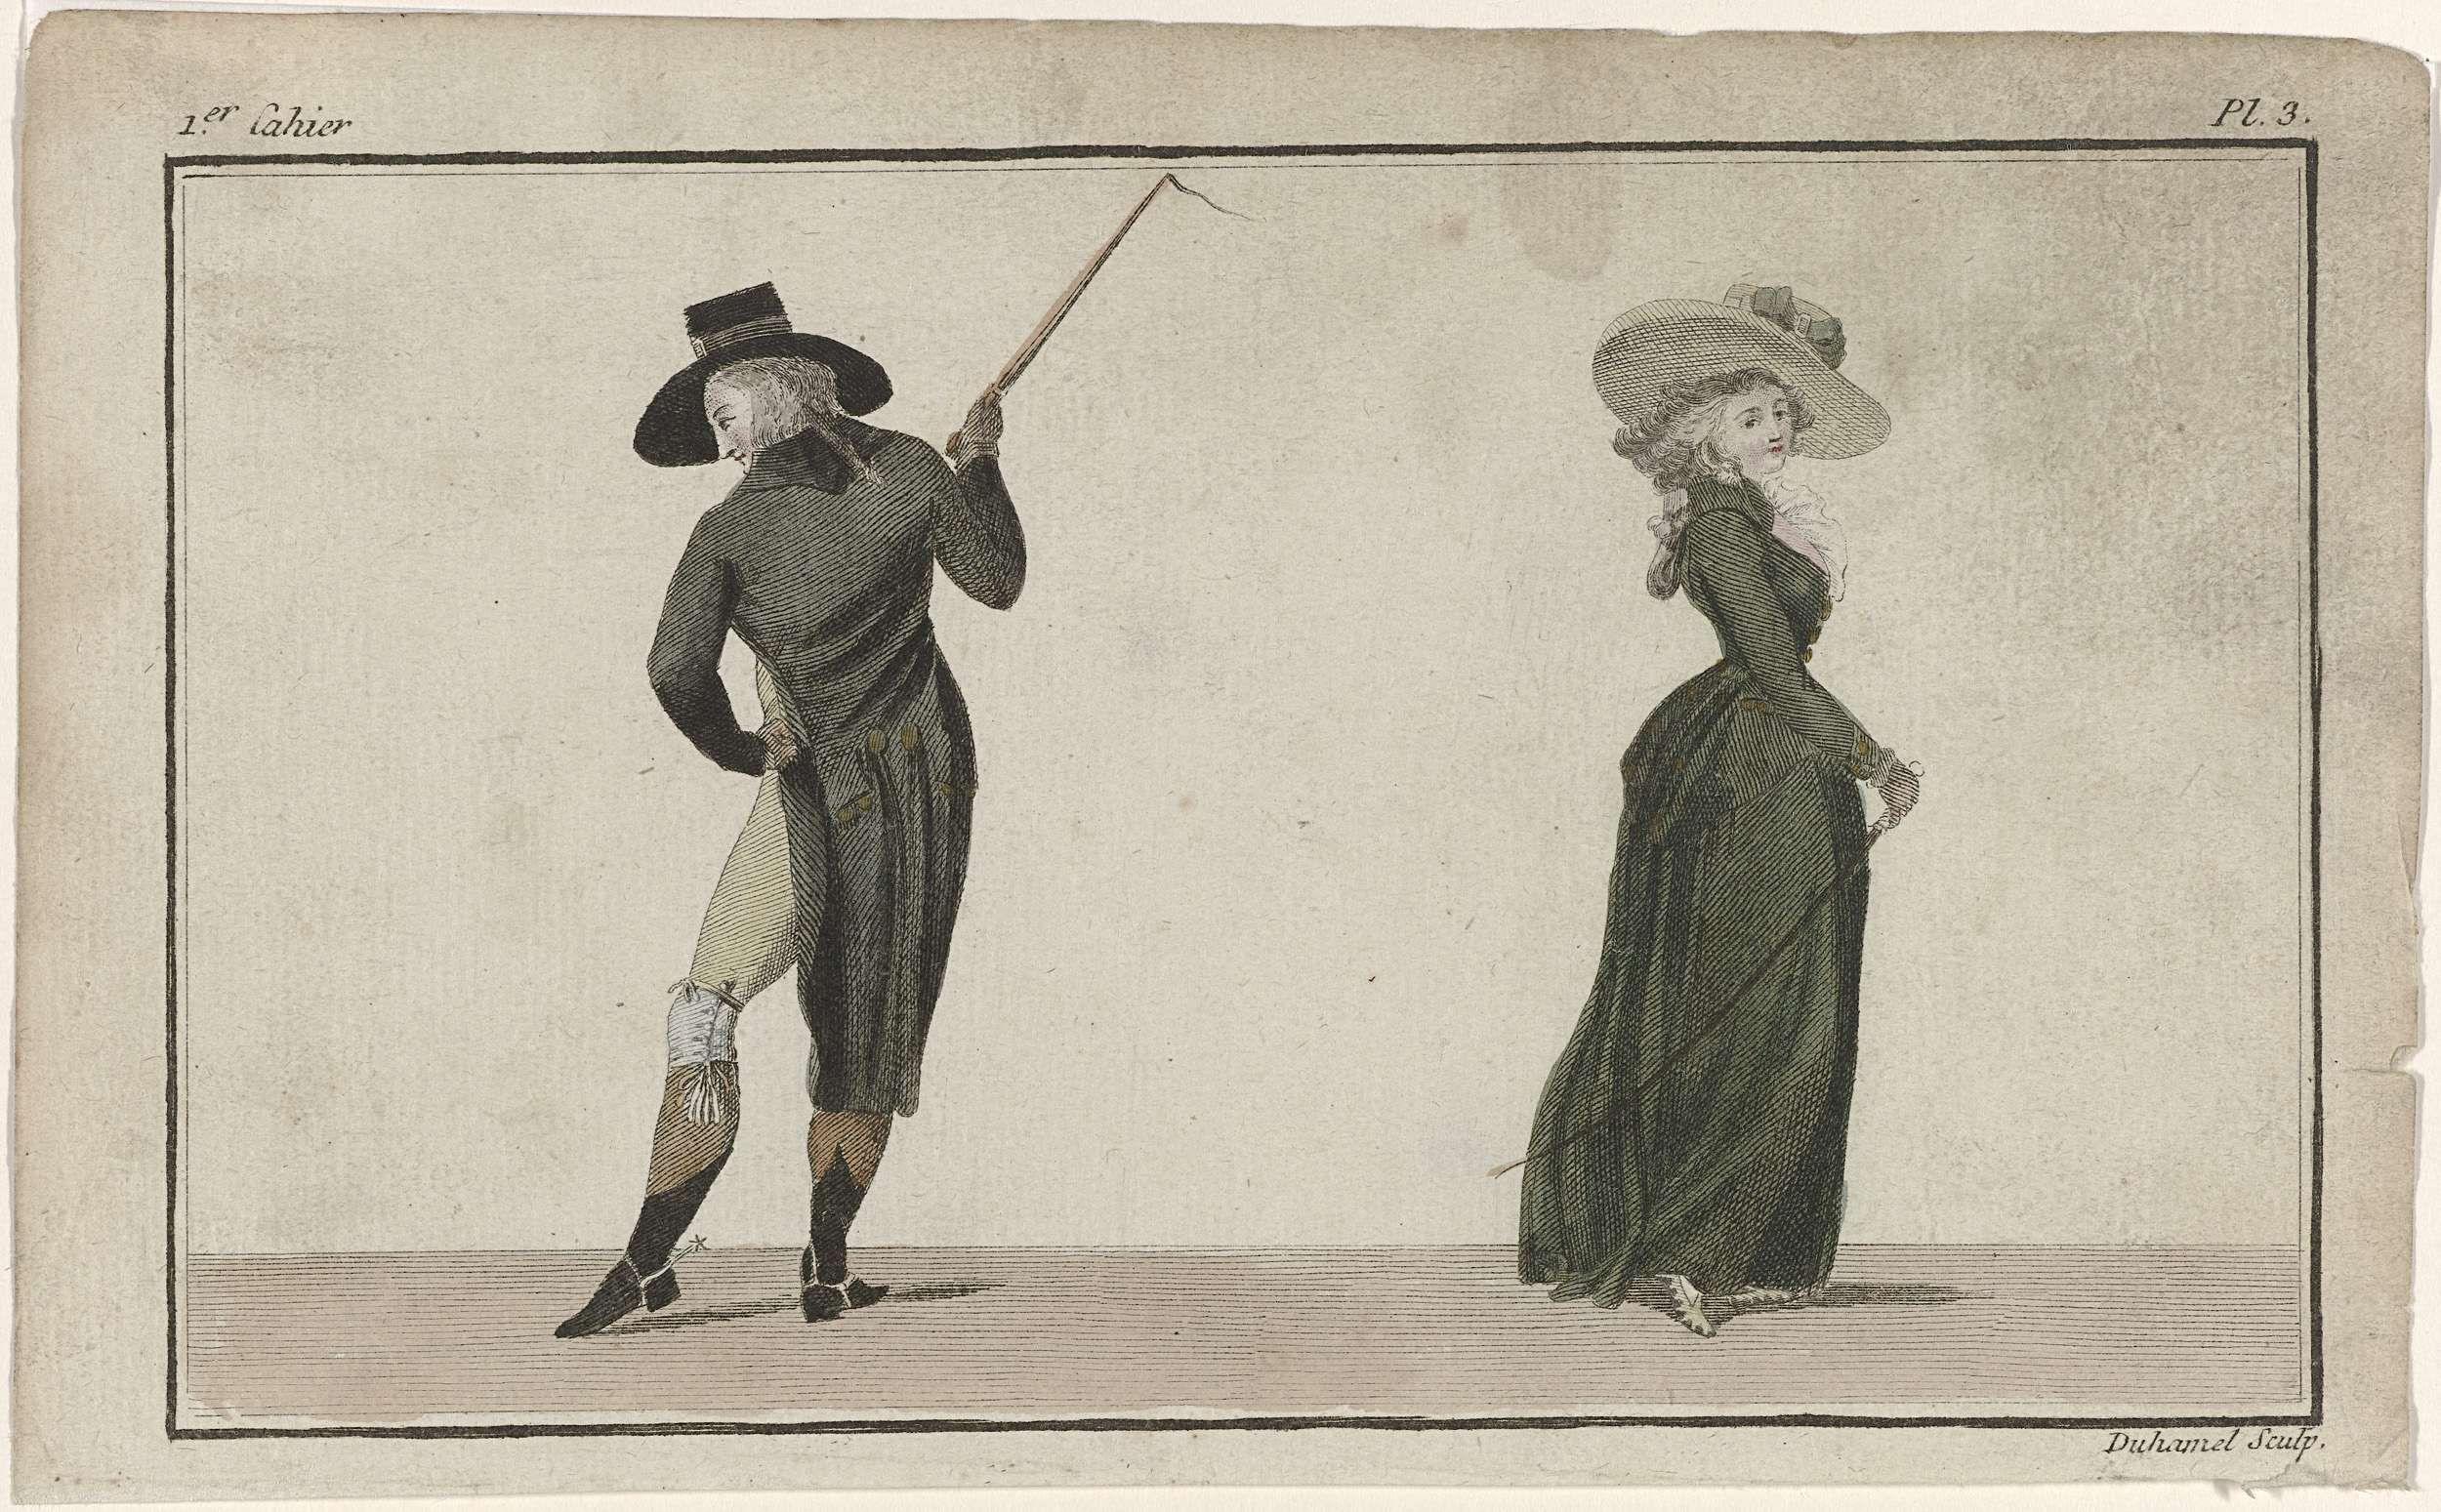 A.B. Duhamel | Magasin des Modes Nouvelles Françaises et Anglaises, 20 novembre 1786, Pl.  3, A.B. Duhamel, Claude Louis Desrais, Buisson, 1786 | Staande man en lopende vrouw, op de rug gezien, beiden gekleed in een rijkostuum. Hij draagt een zwarte habit, vest en kniebroek. Accessoires: hoed, handschoenen, zweep en laarzen met sporen. Zij draagt een caraco op een rok van laken, op de rug geplooid. Om de hals een fichu. Accessoires: hoed met brede rand, handschoenen, zweep en schoenen. De…